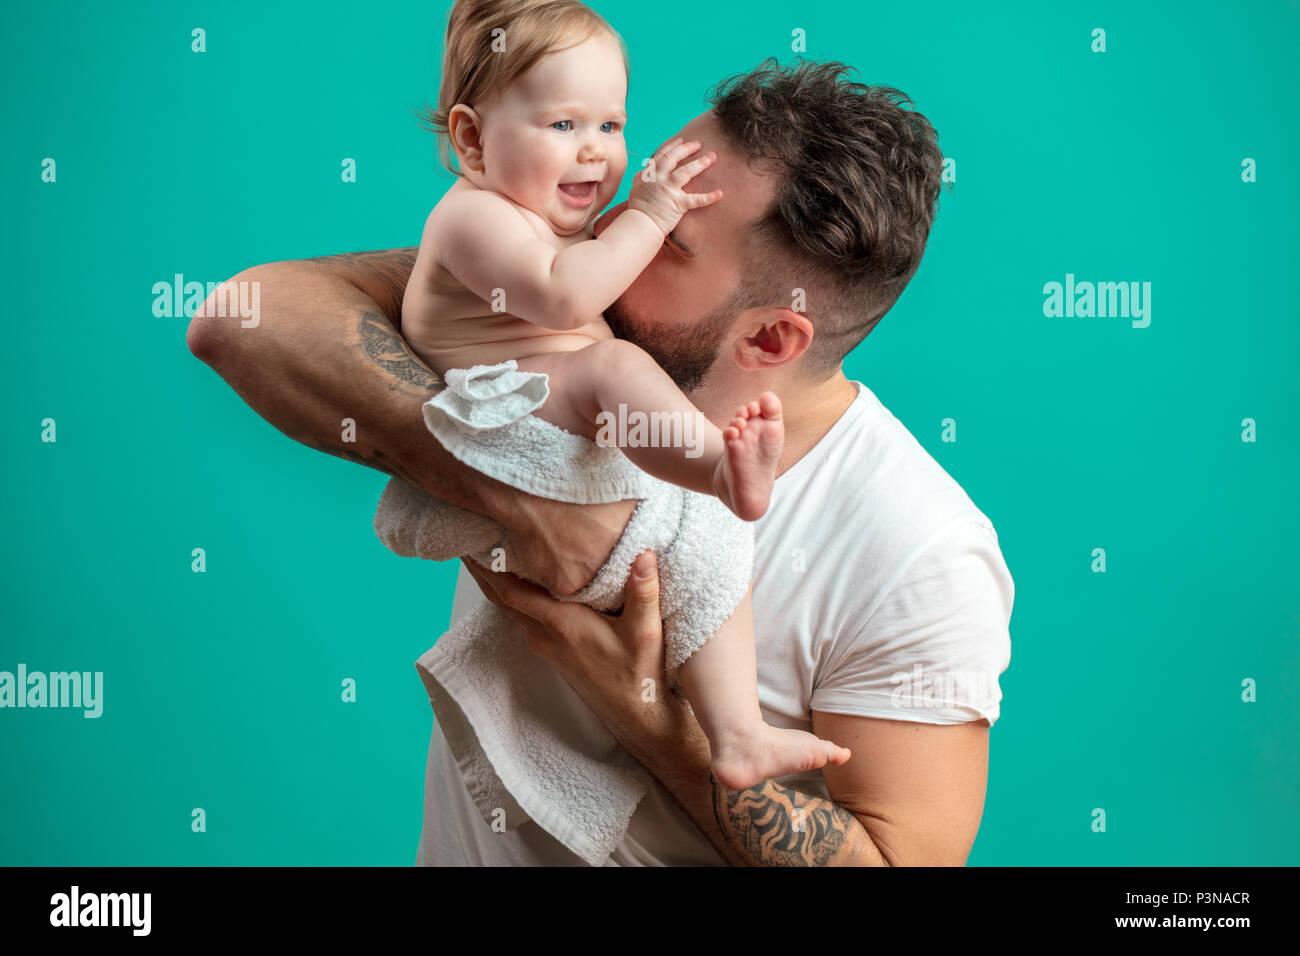 Juguetón padre llevar a su niño sonriente en cuello sobre fondo azul. Foto de stock